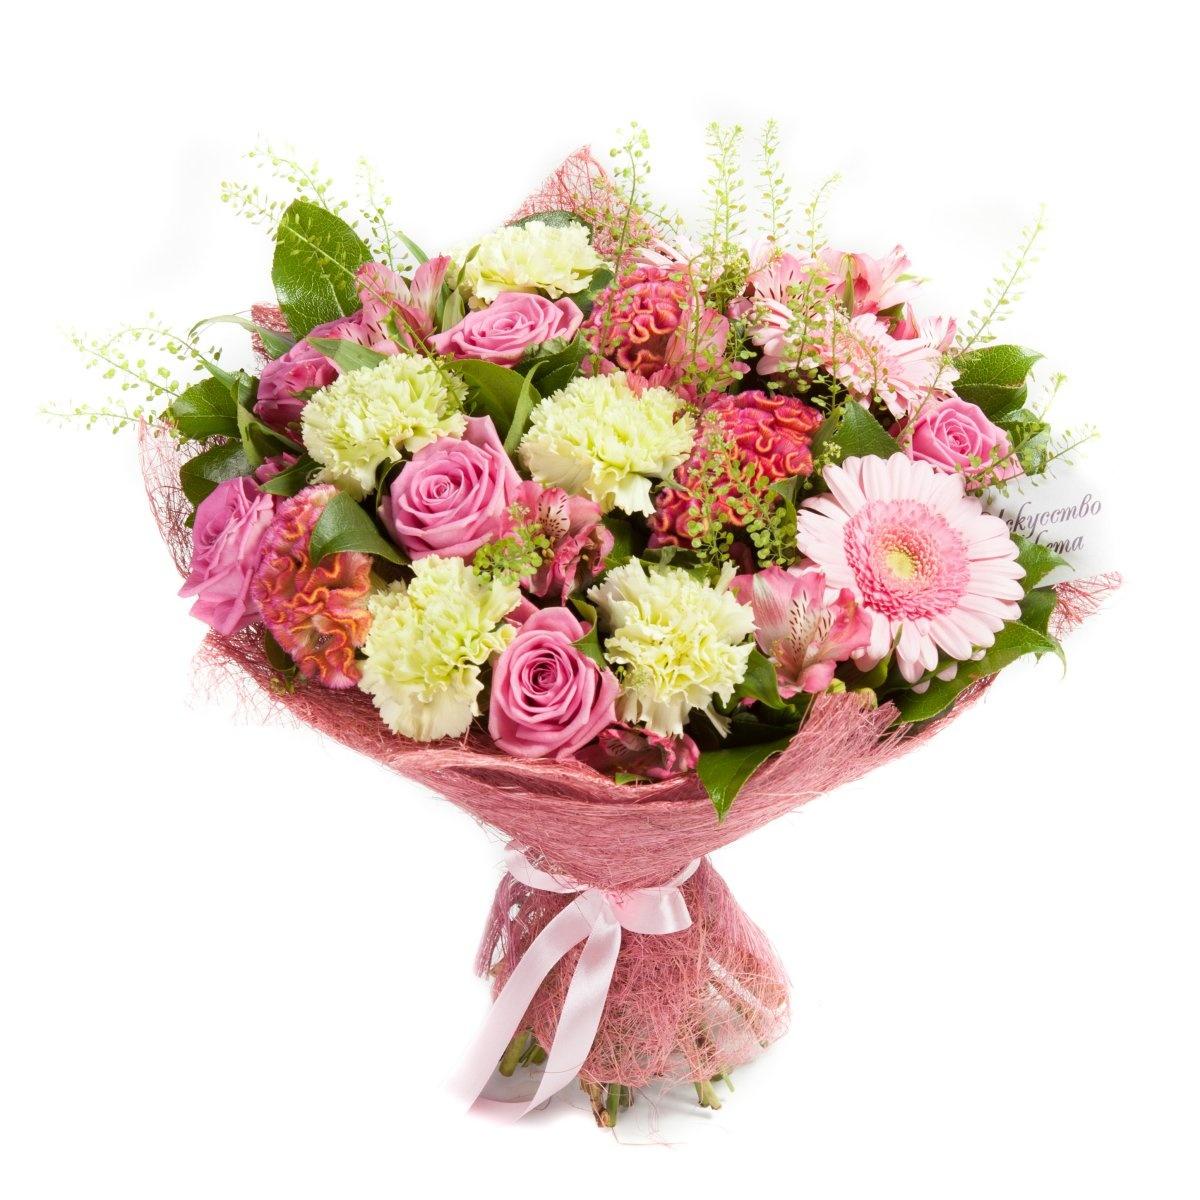 Купить букет в салоне цветов недорого москва, купить букет